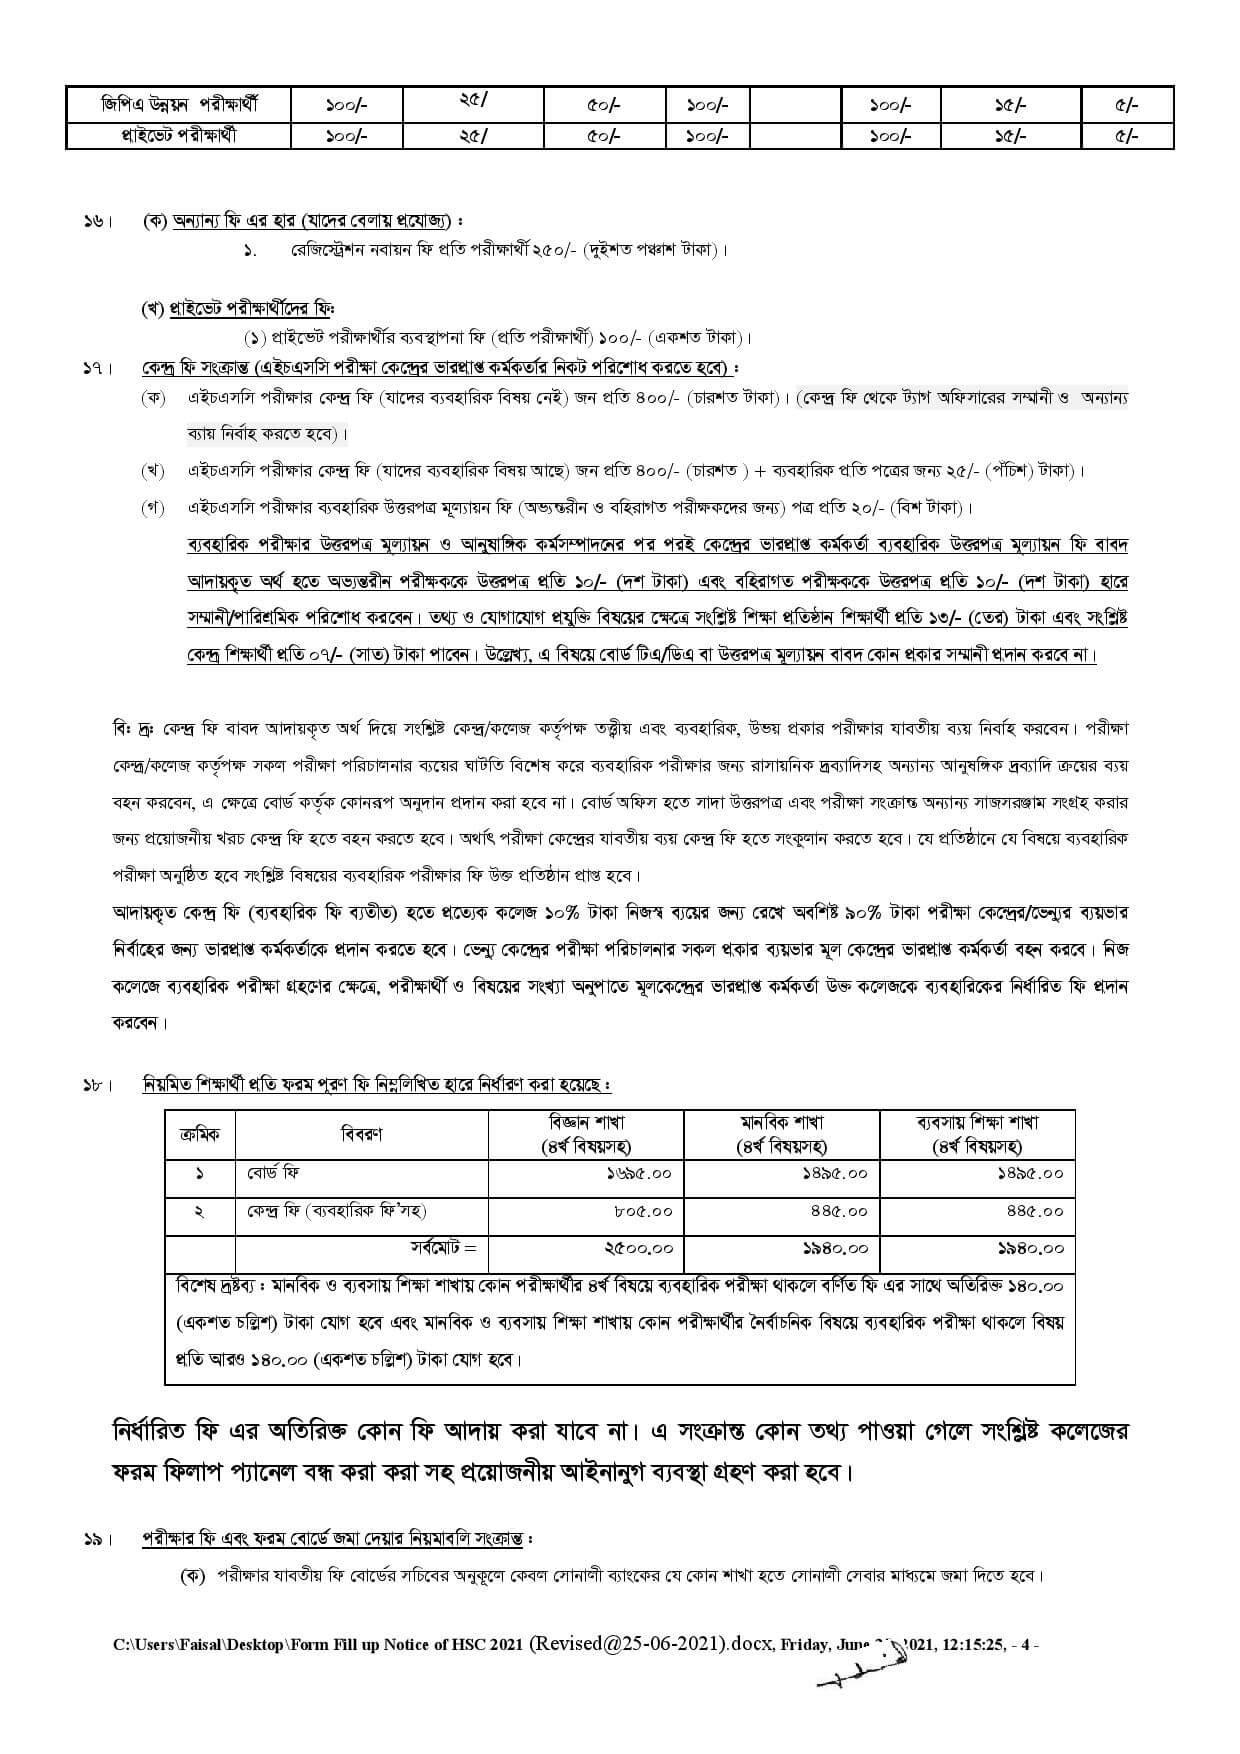 HSC Exam Form Fill Up Notice 2021